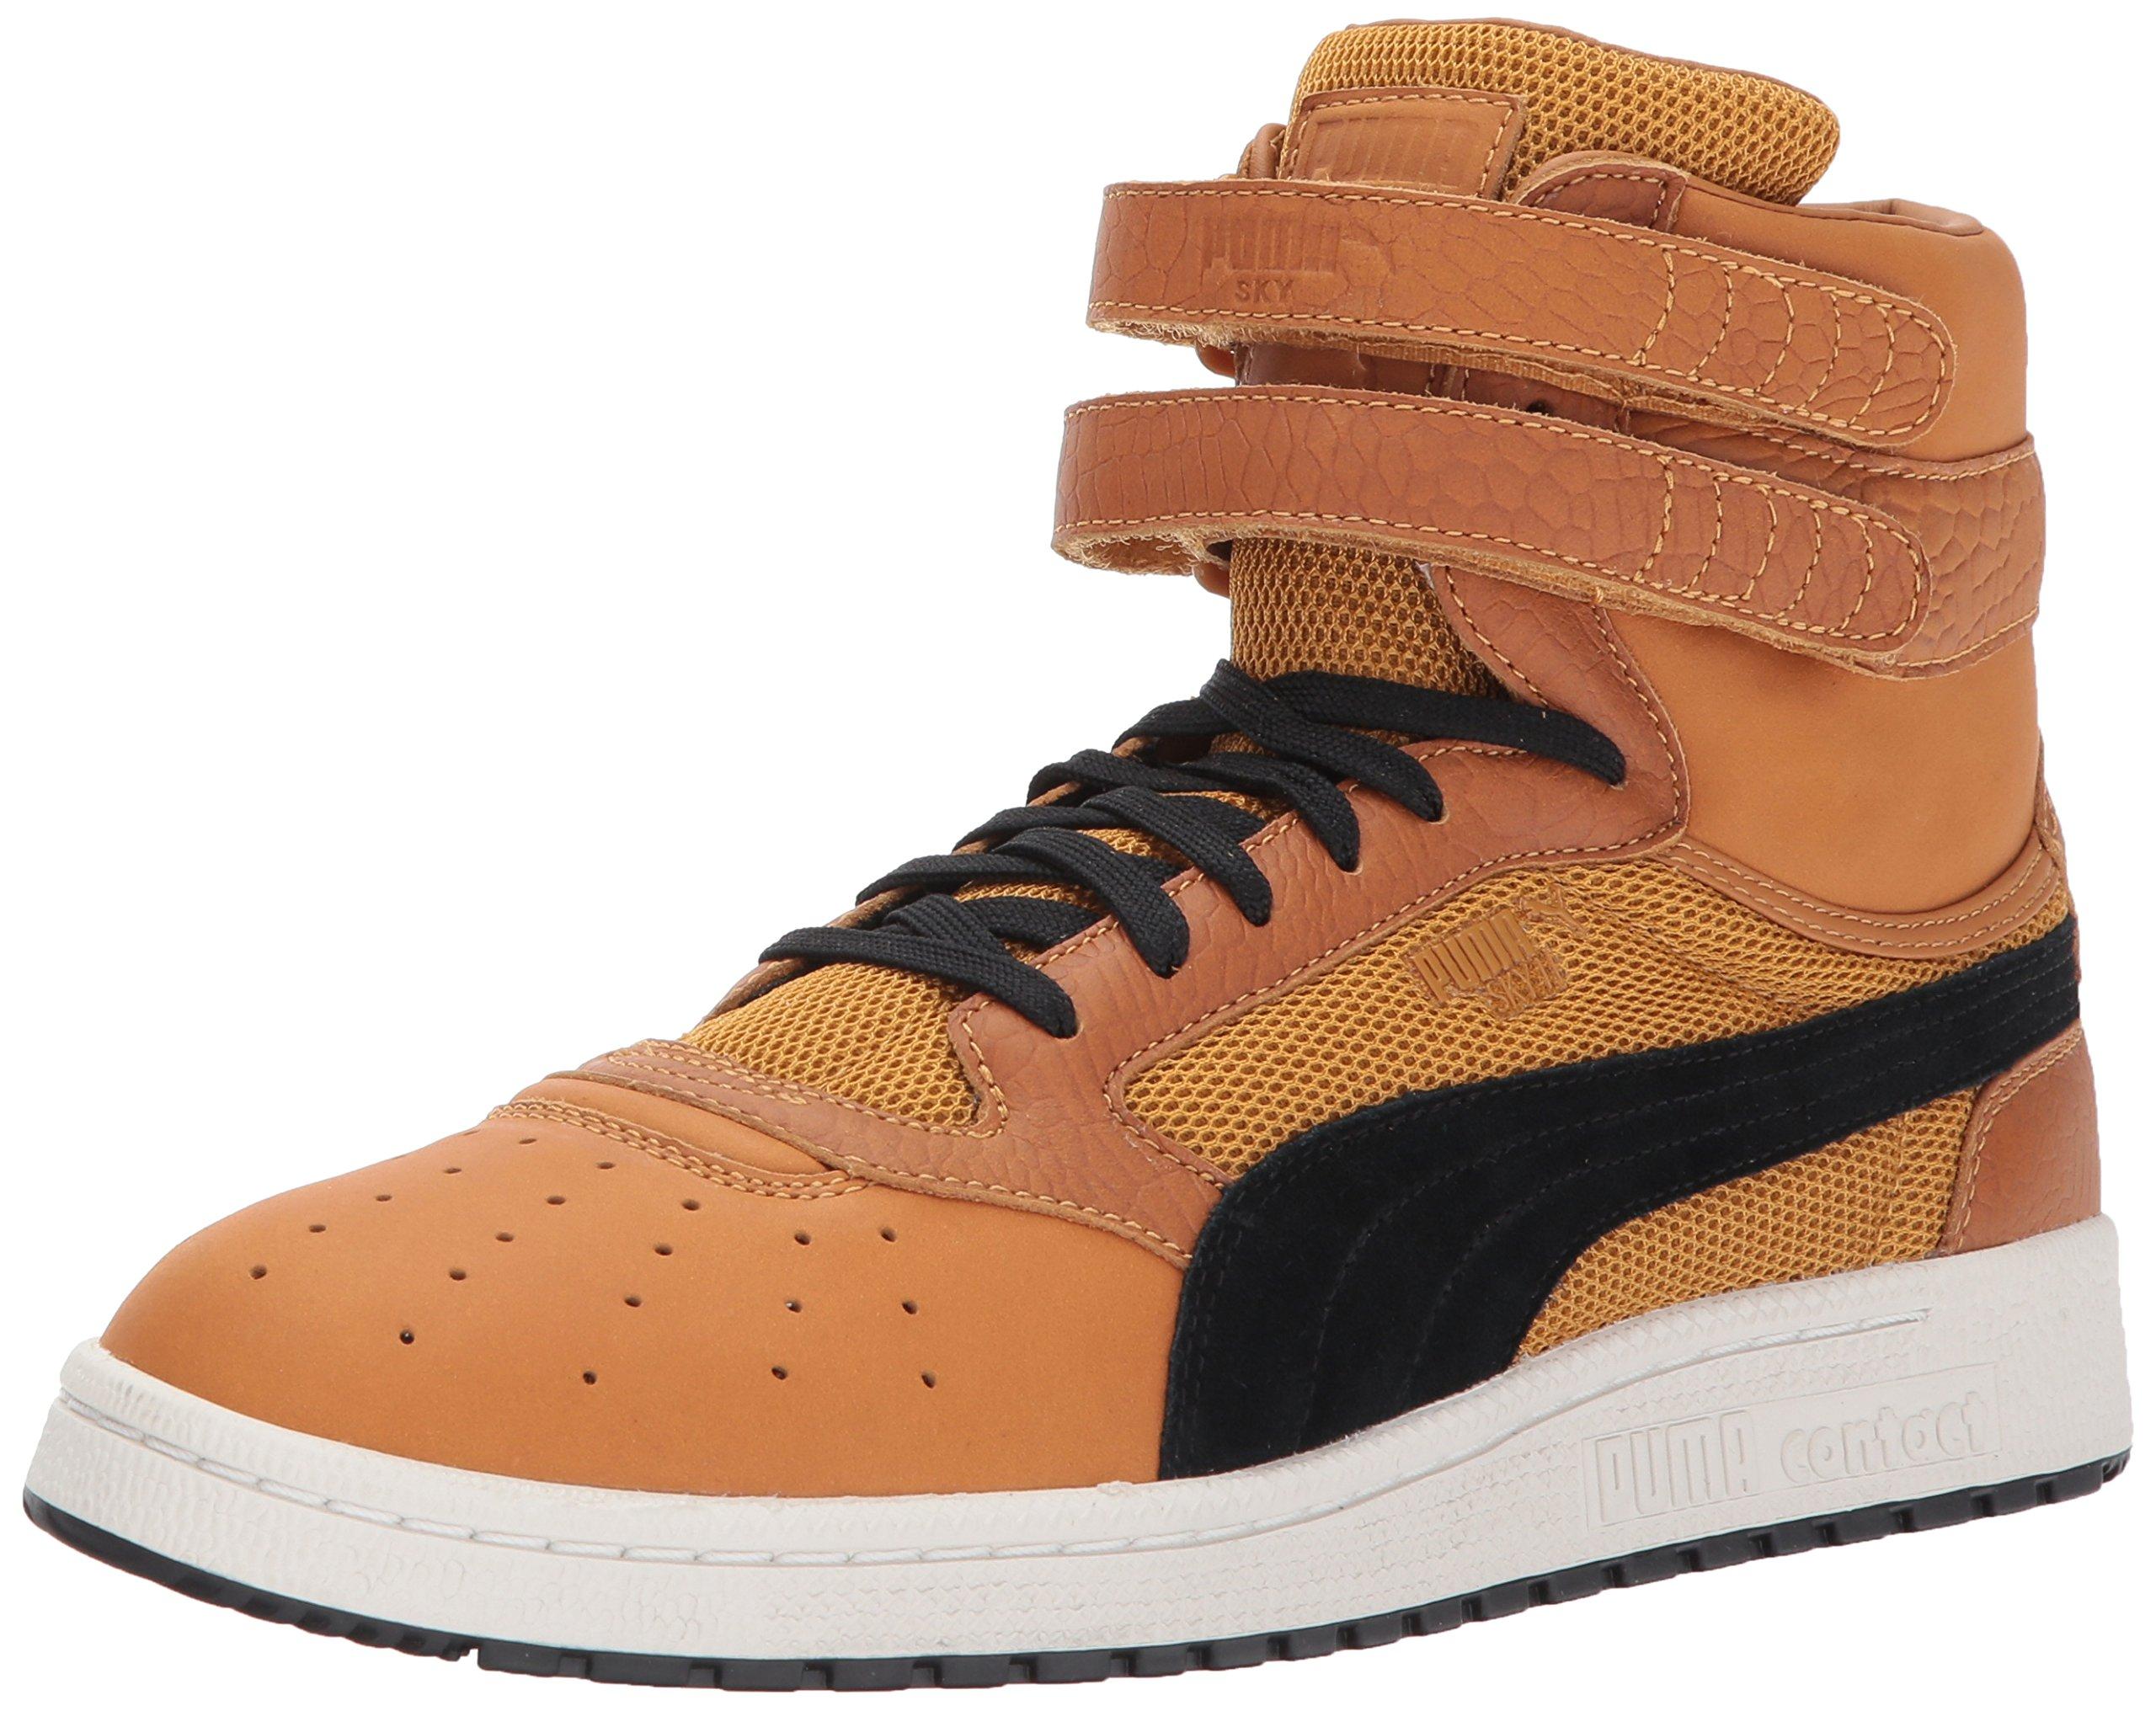 989c958238 PUMA Men's Sky II Hi Color Blocked Lthr Sneaker, Inca Gold Black, 11 M US